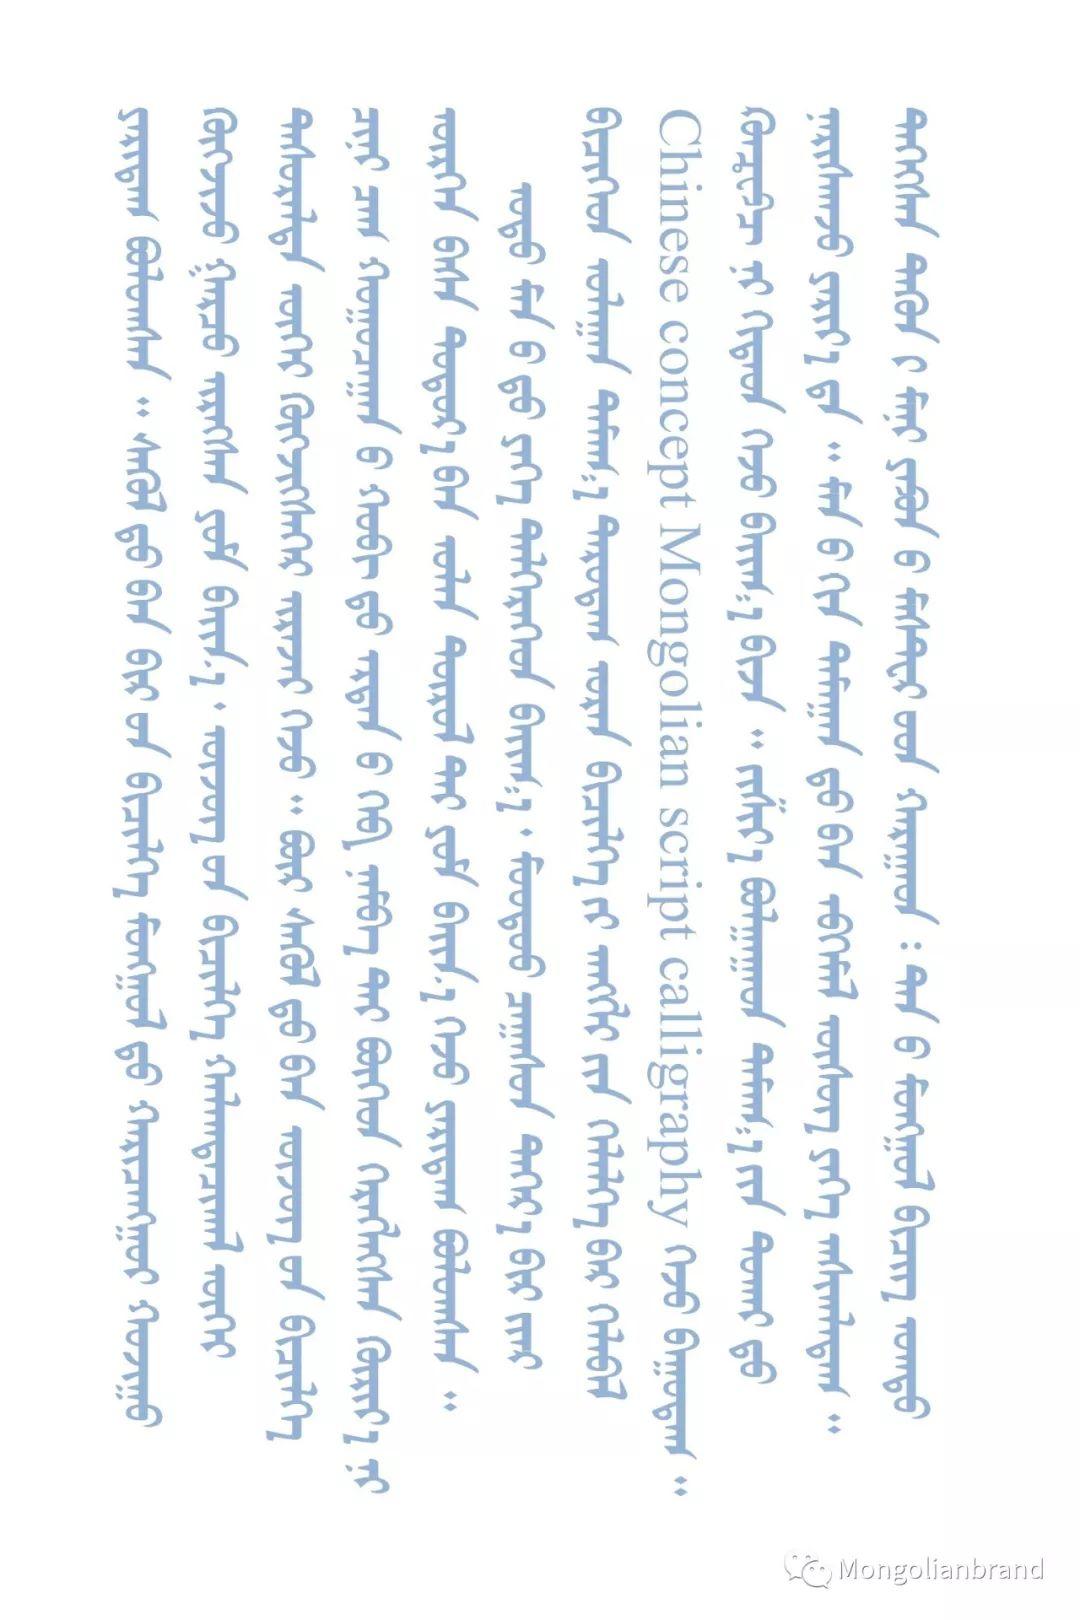 蒙古字体设计专家Jamiyansuren:让每个蒙古人掌握传统蒙古文是我们的终极目标 第22张 蒙古字体设计专家Jamiyansuren:让每个蒙古人掌握传统蒙古文是我们的终极目标 蒙古文化